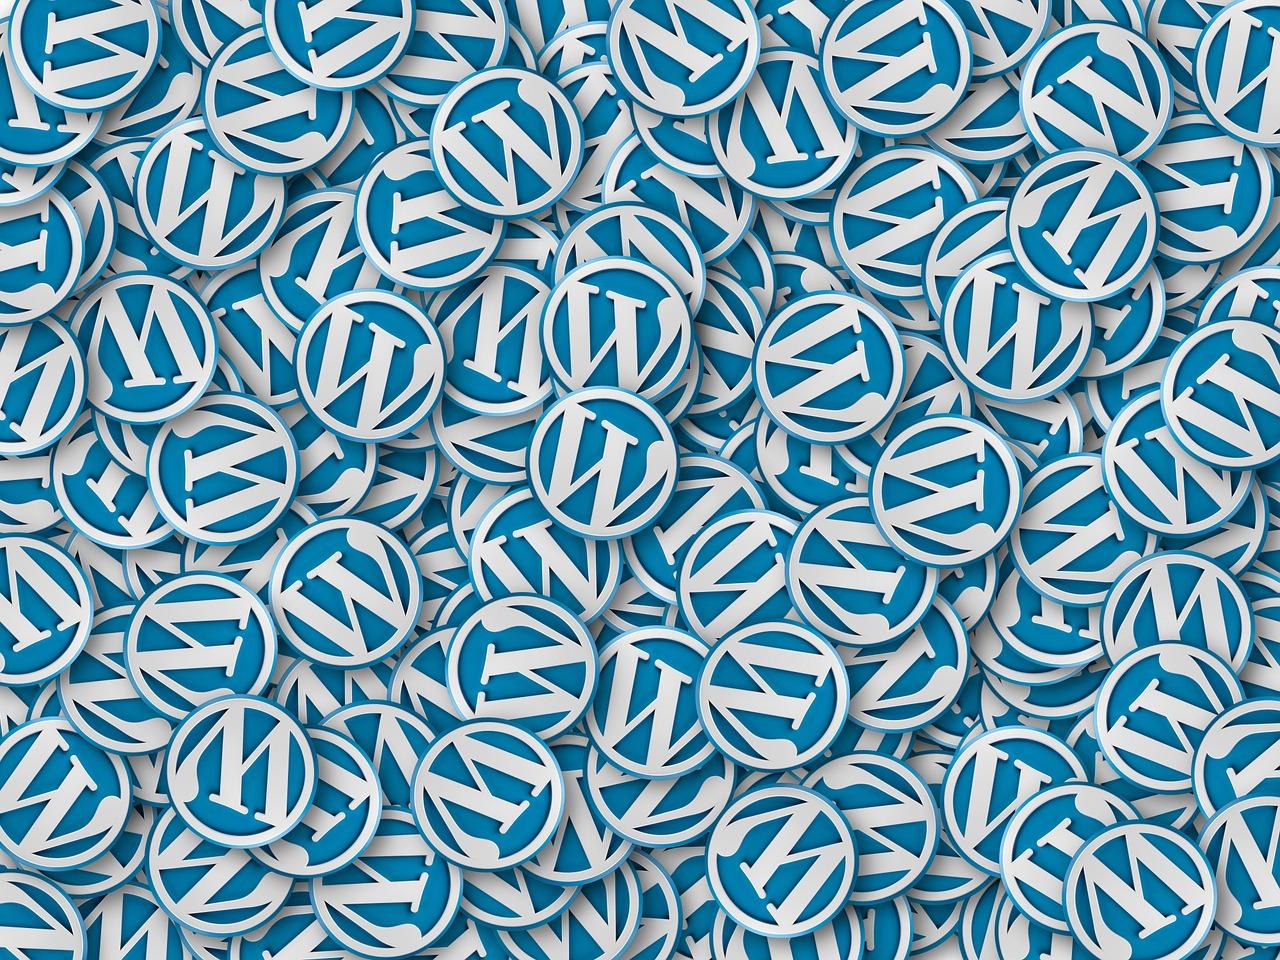 Jak tworzyć motywy w WordPressie?